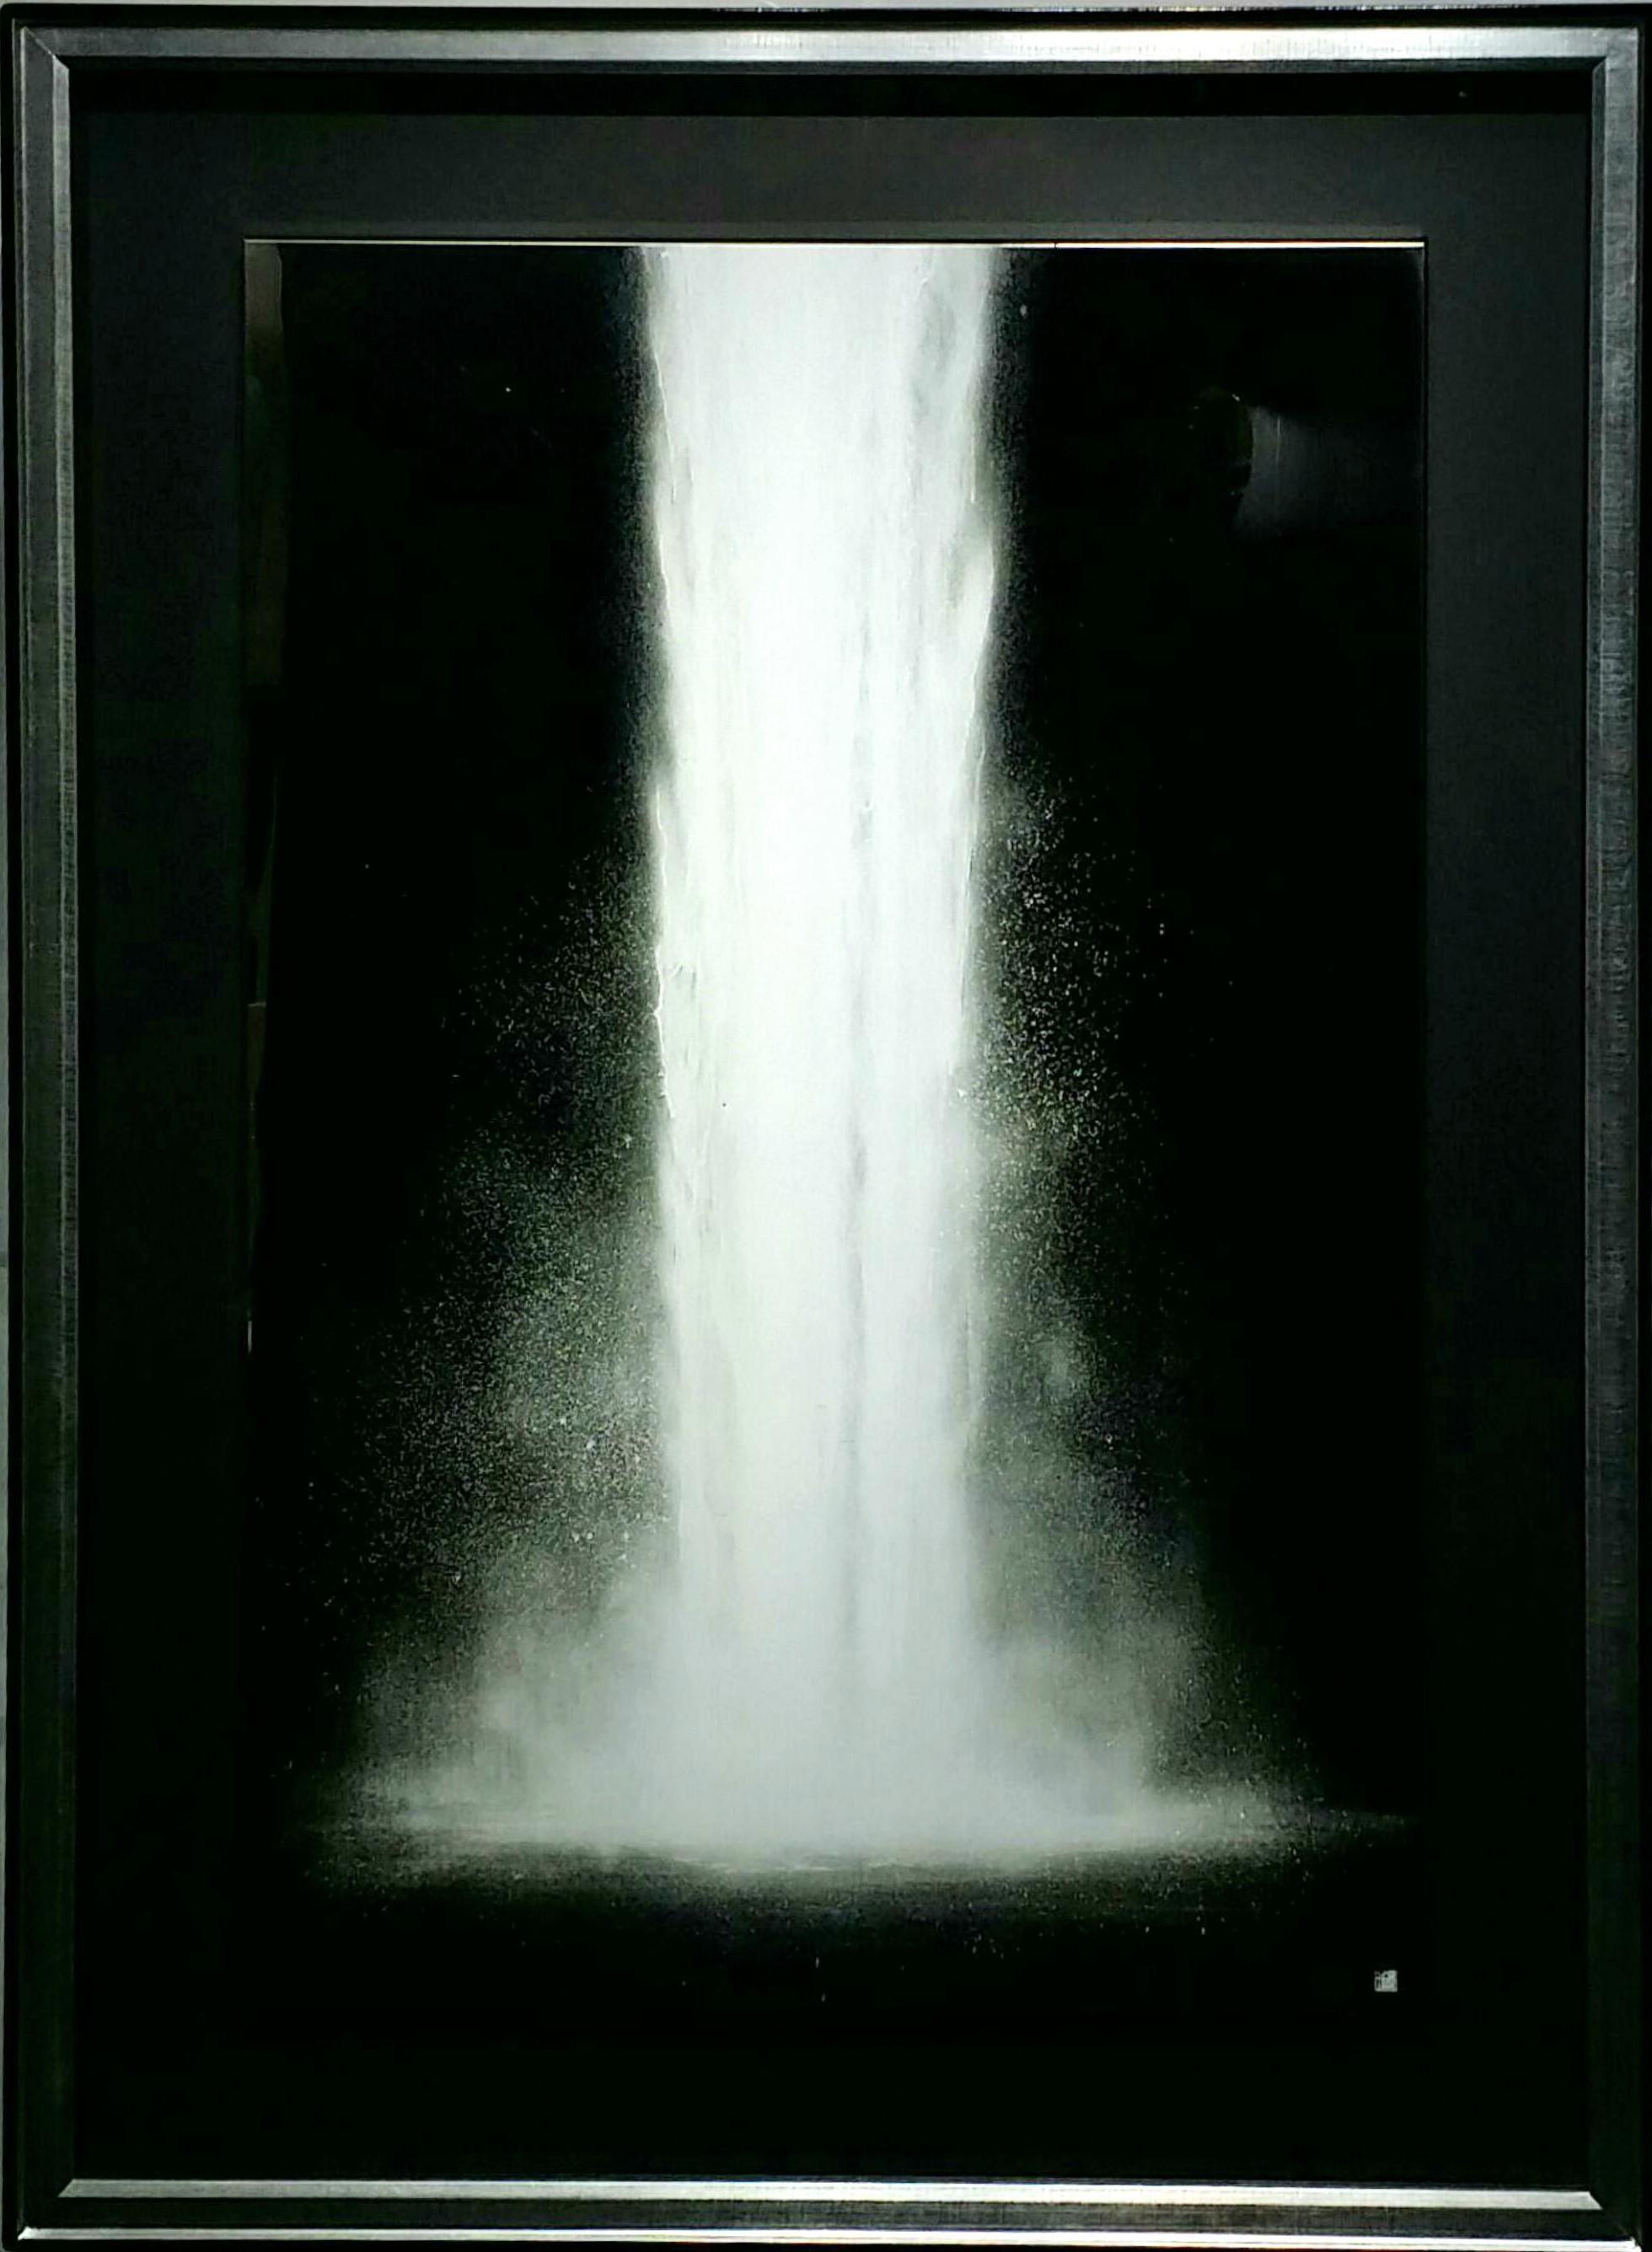 Metalfall3」フォトエッチング70×46.5cm2.jpg